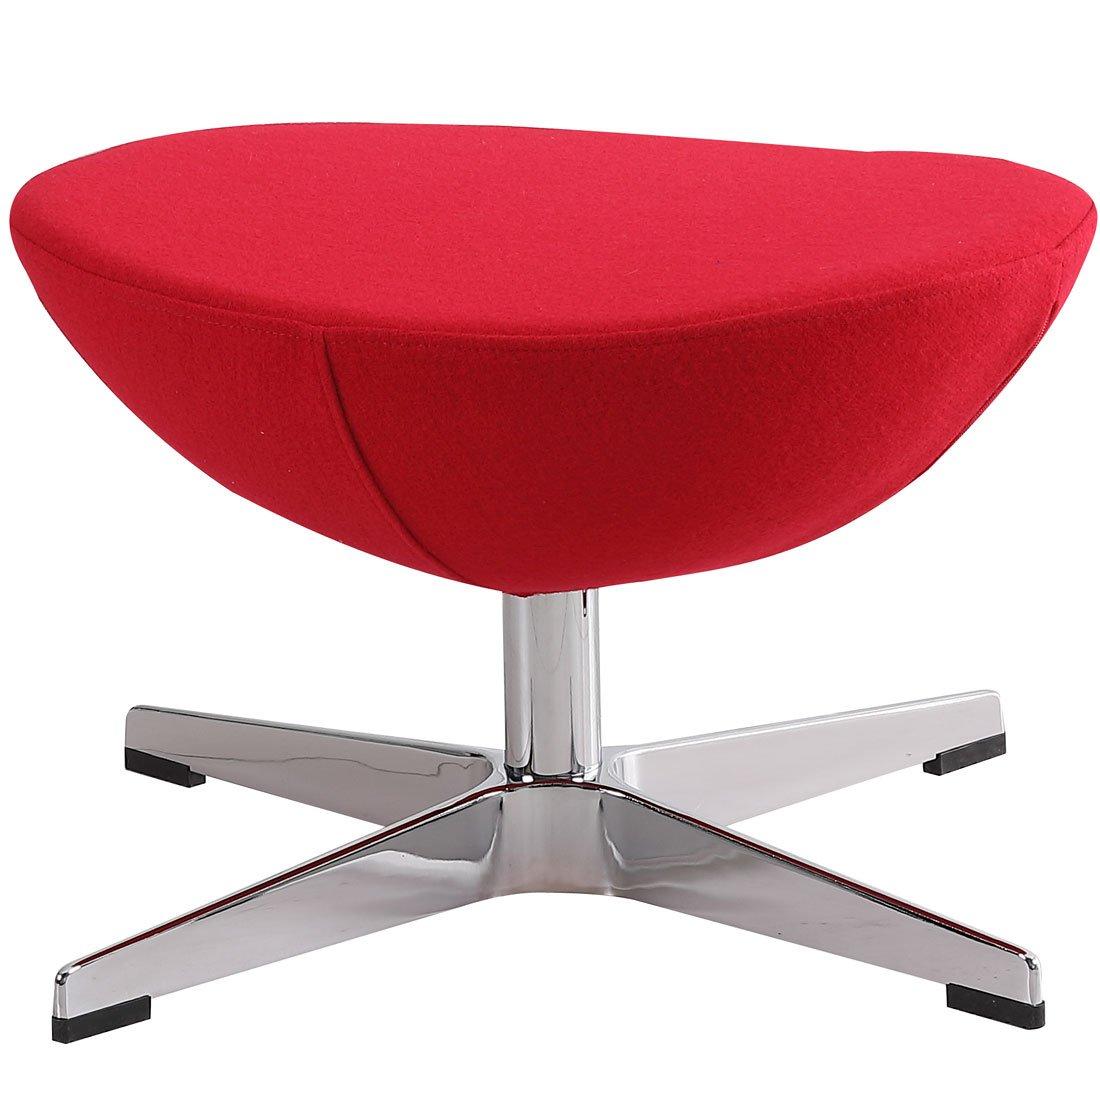 タンスのゲン エッグチェア スツール Arne Jacobsen リプロダクト デザイナーズチェア オットマン レッド 48300006 00 B079GQ2C42 エッグチェア(スツール)|レッド レッド エッグチェア(スツール)